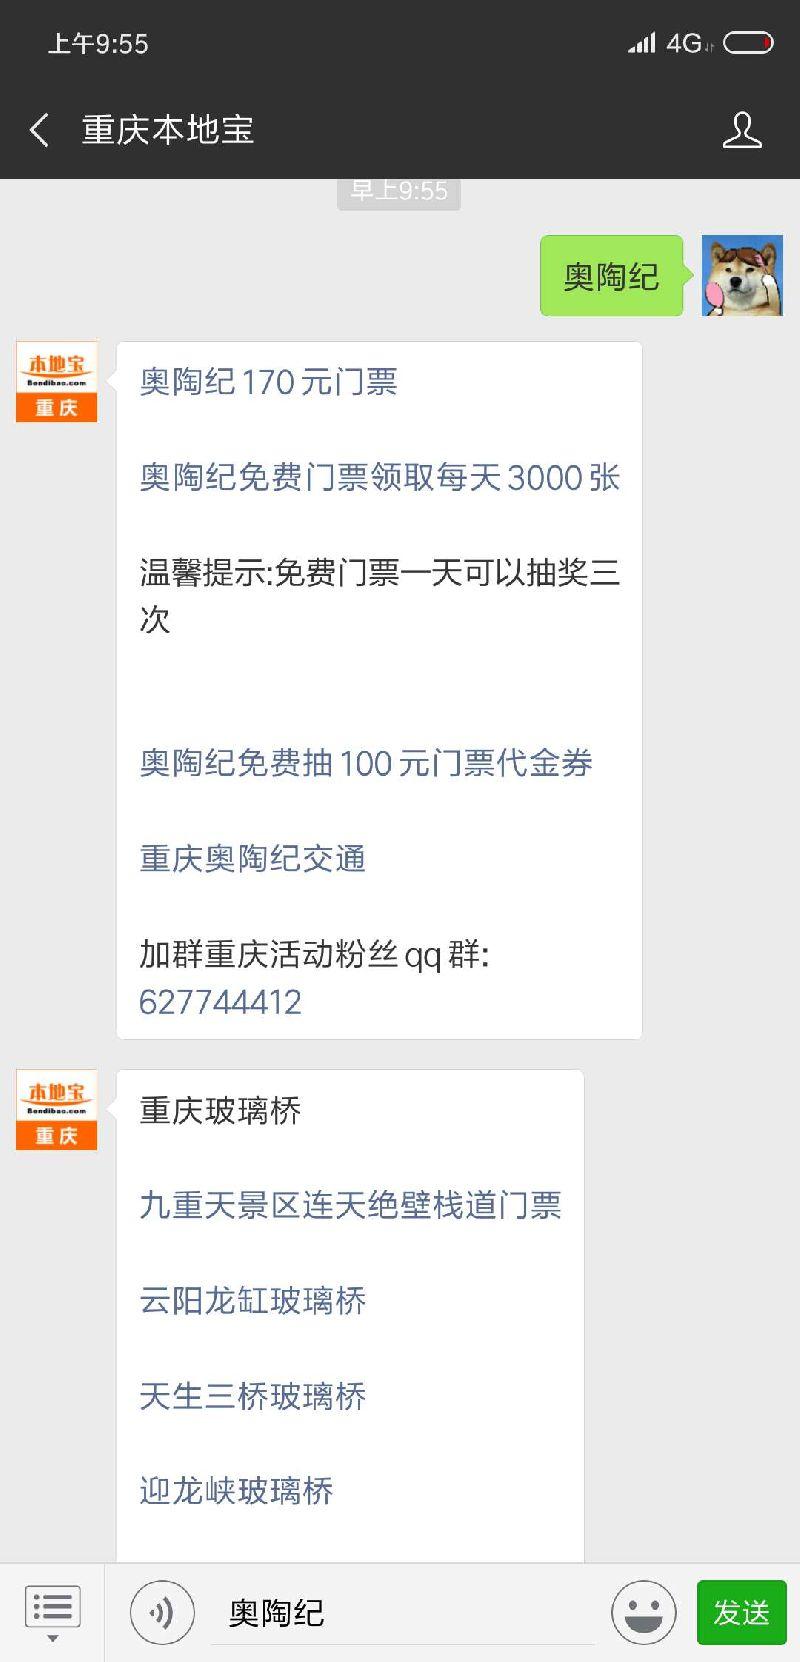 2018重庆玻璃栈道汇总(门票价格 地点)